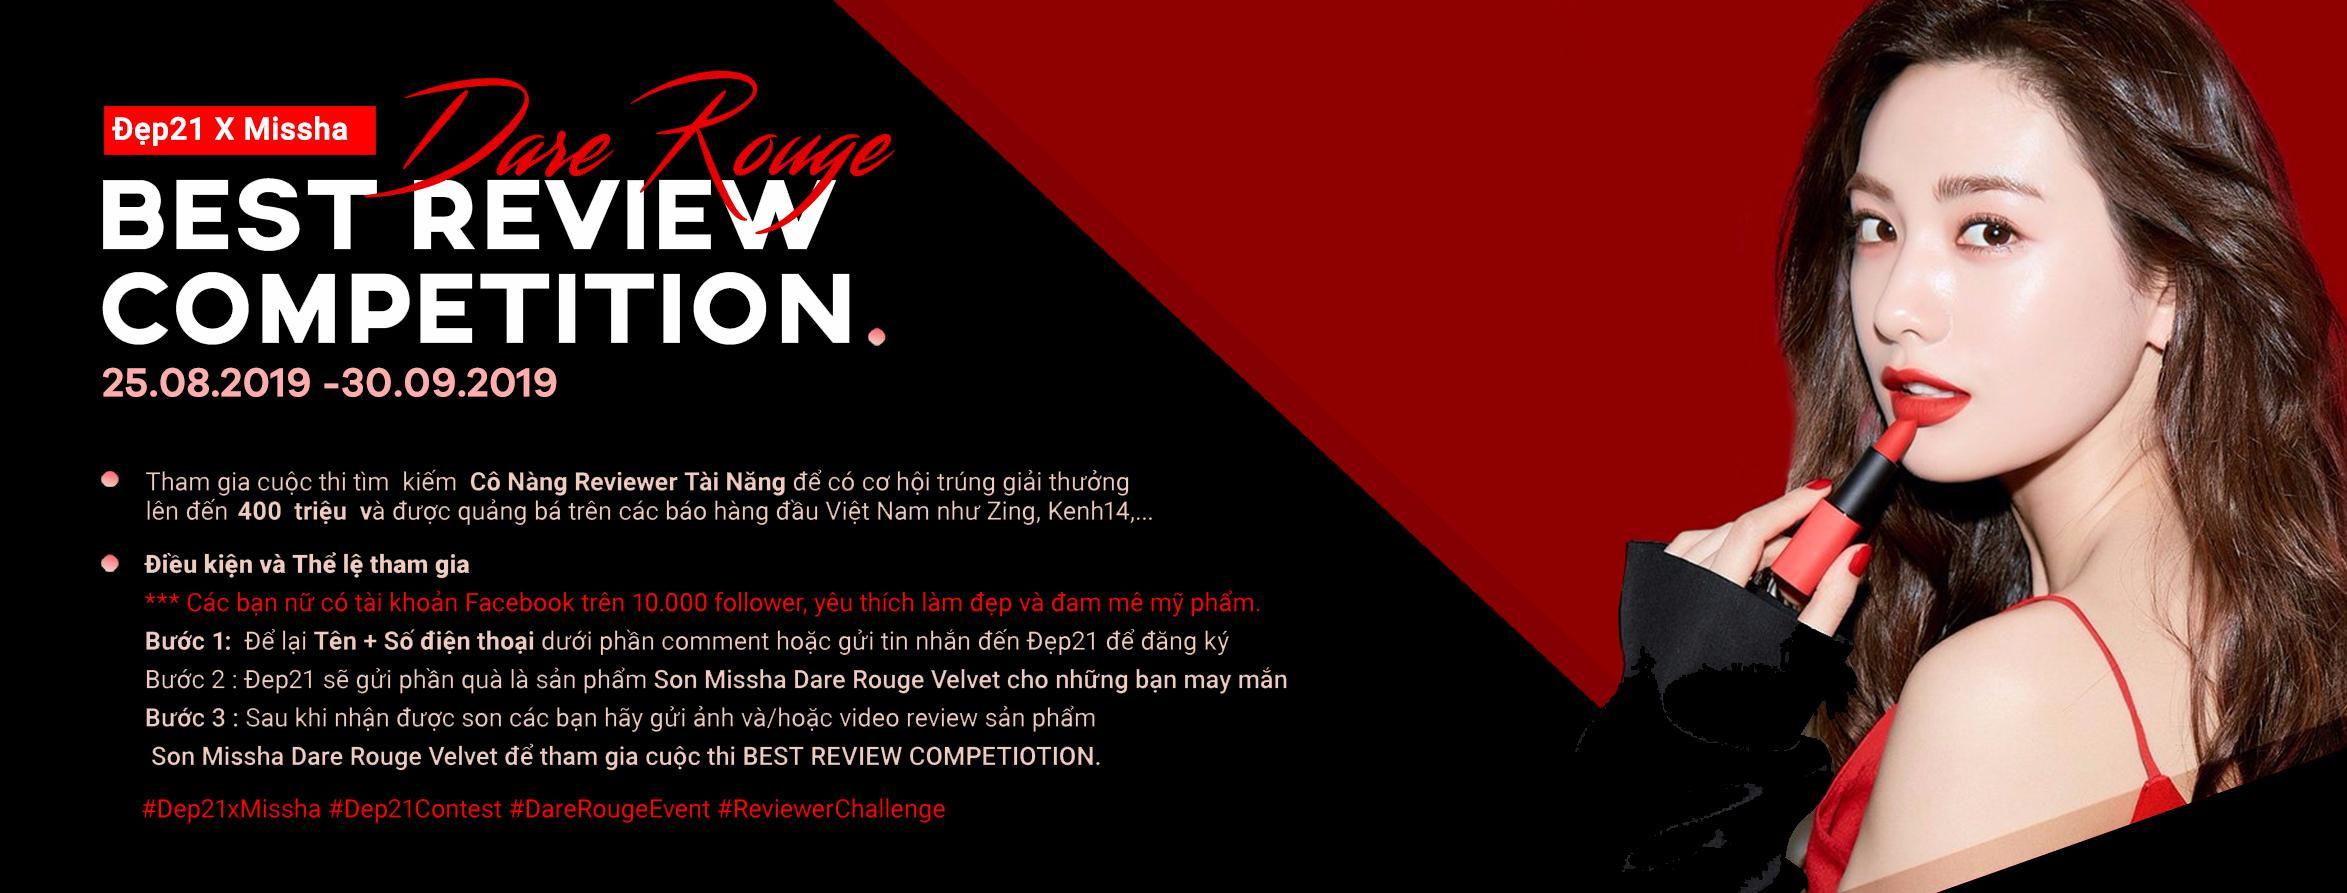 Missha Dare Rouge Velvet Lipstick banner